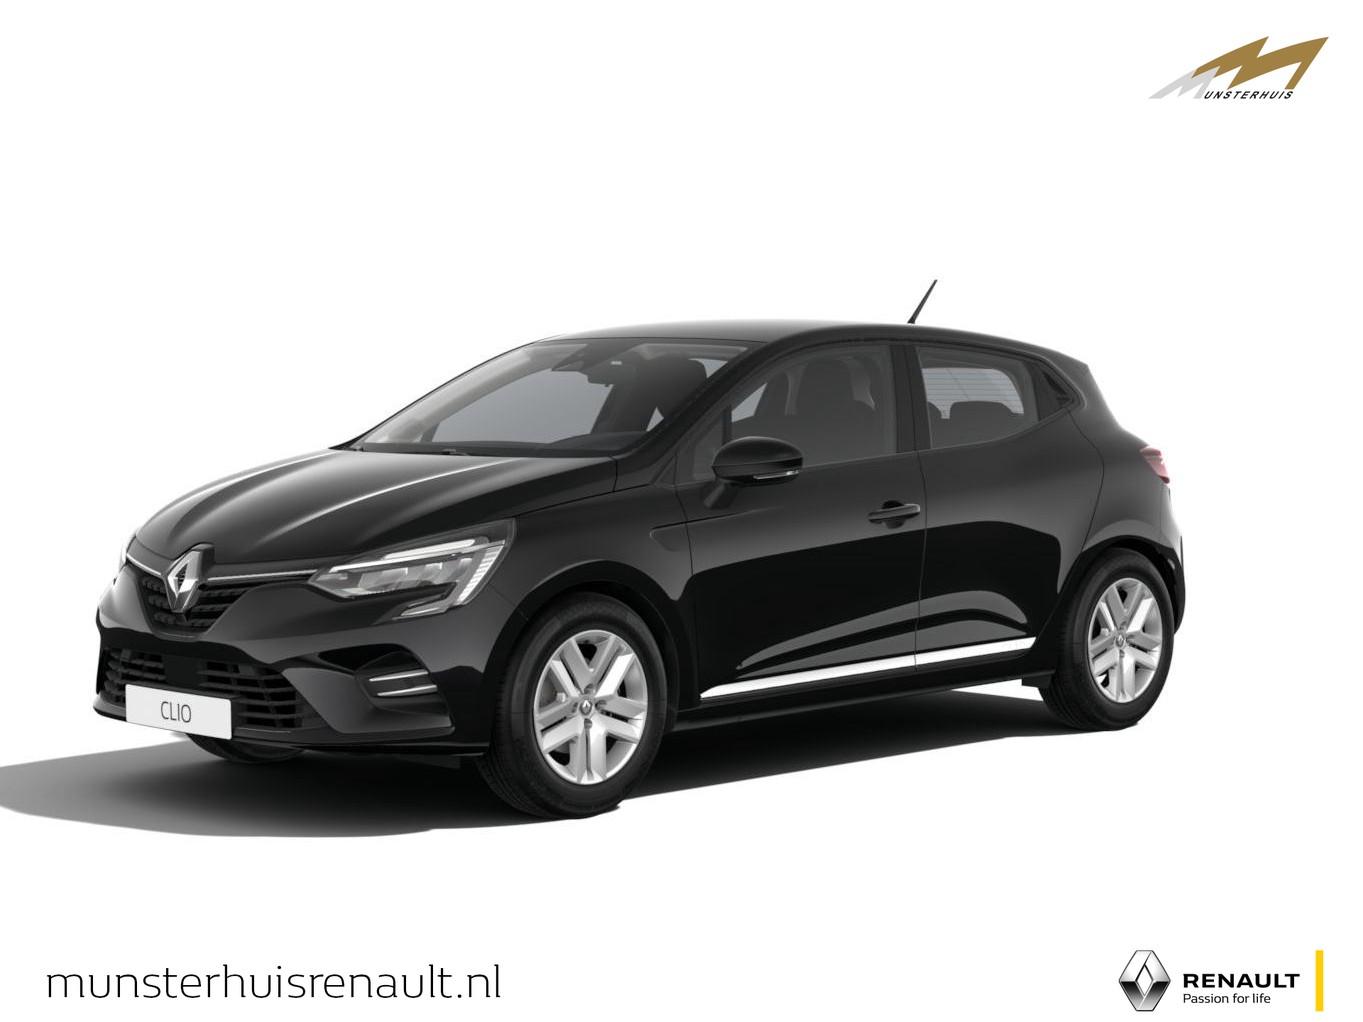 Renault Clio Zen tce 100 bi-fuel - nieuw - lpg-installatie